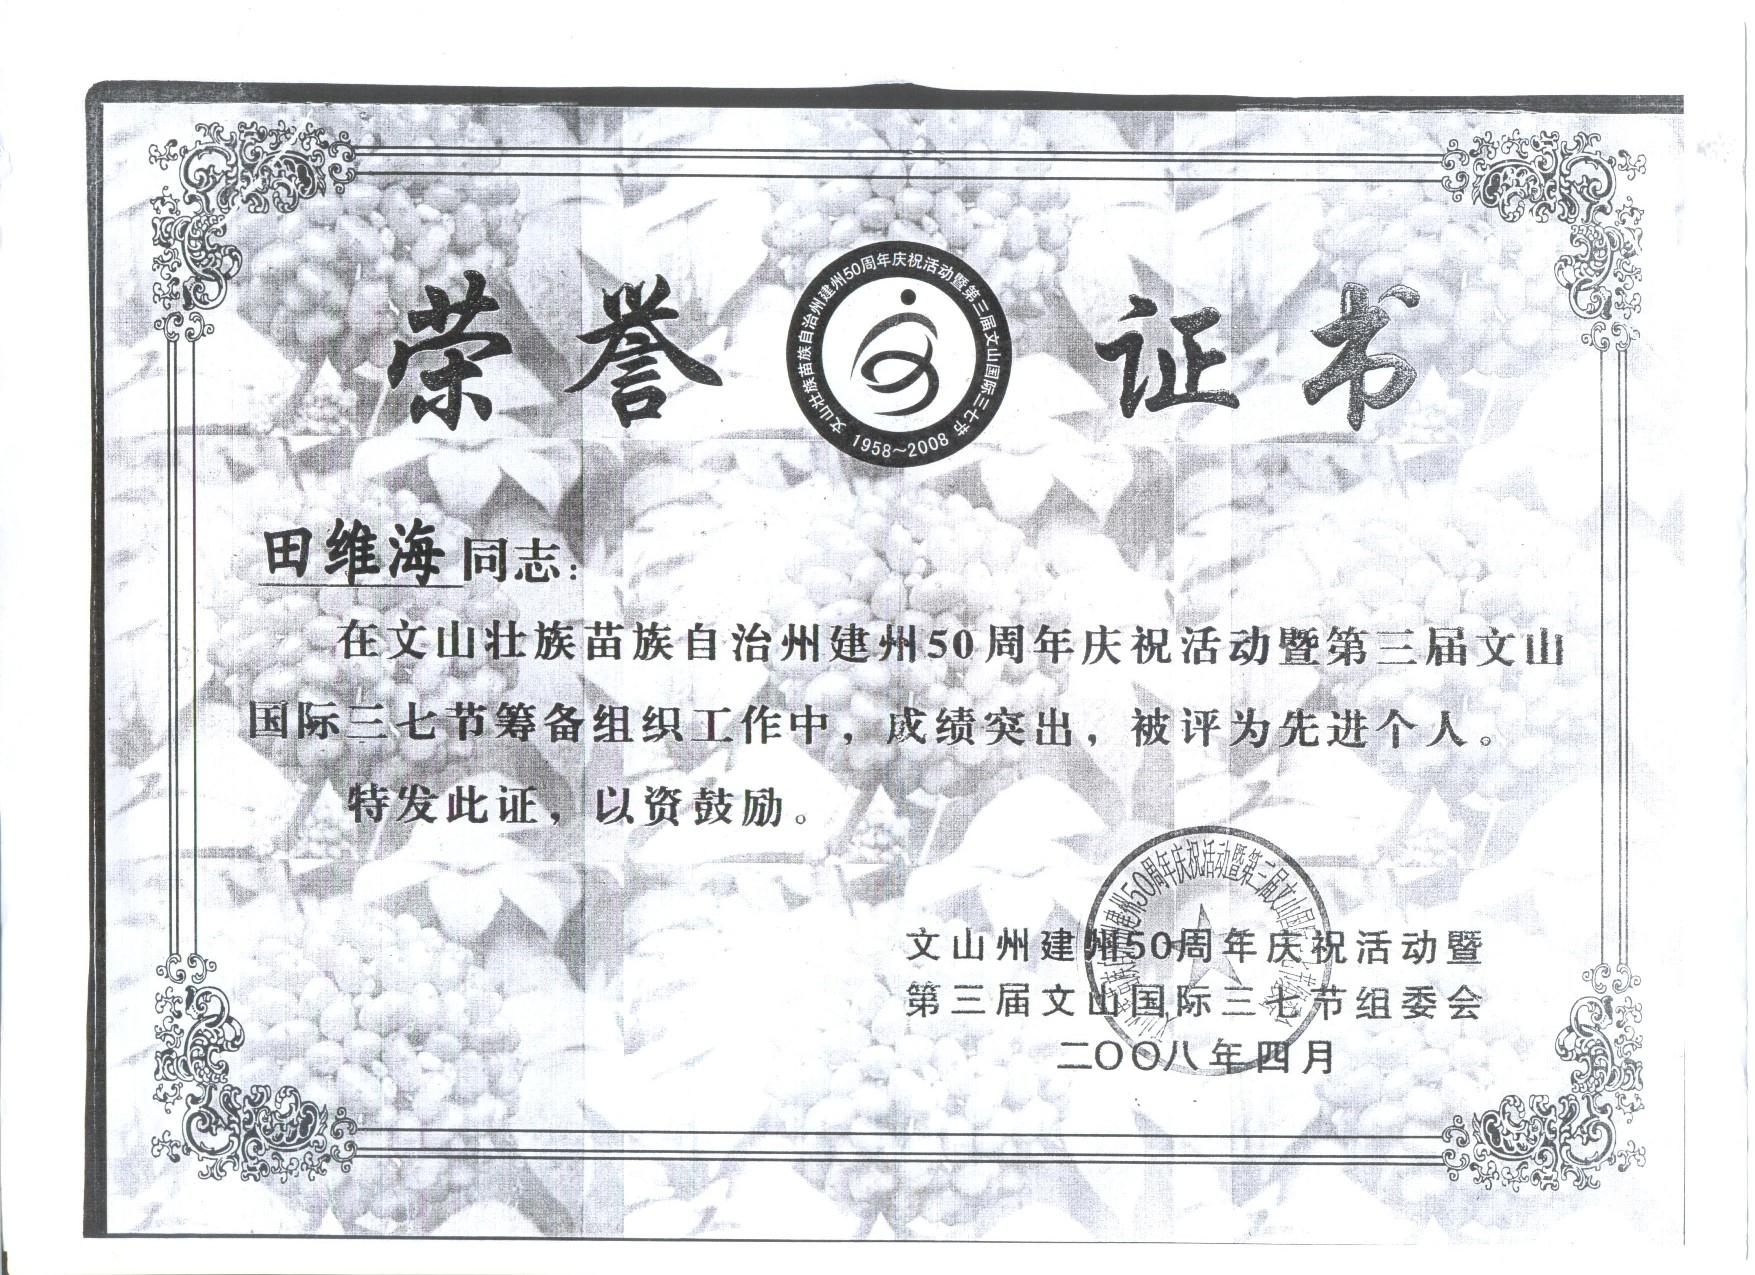 文山国际三七节先进个人